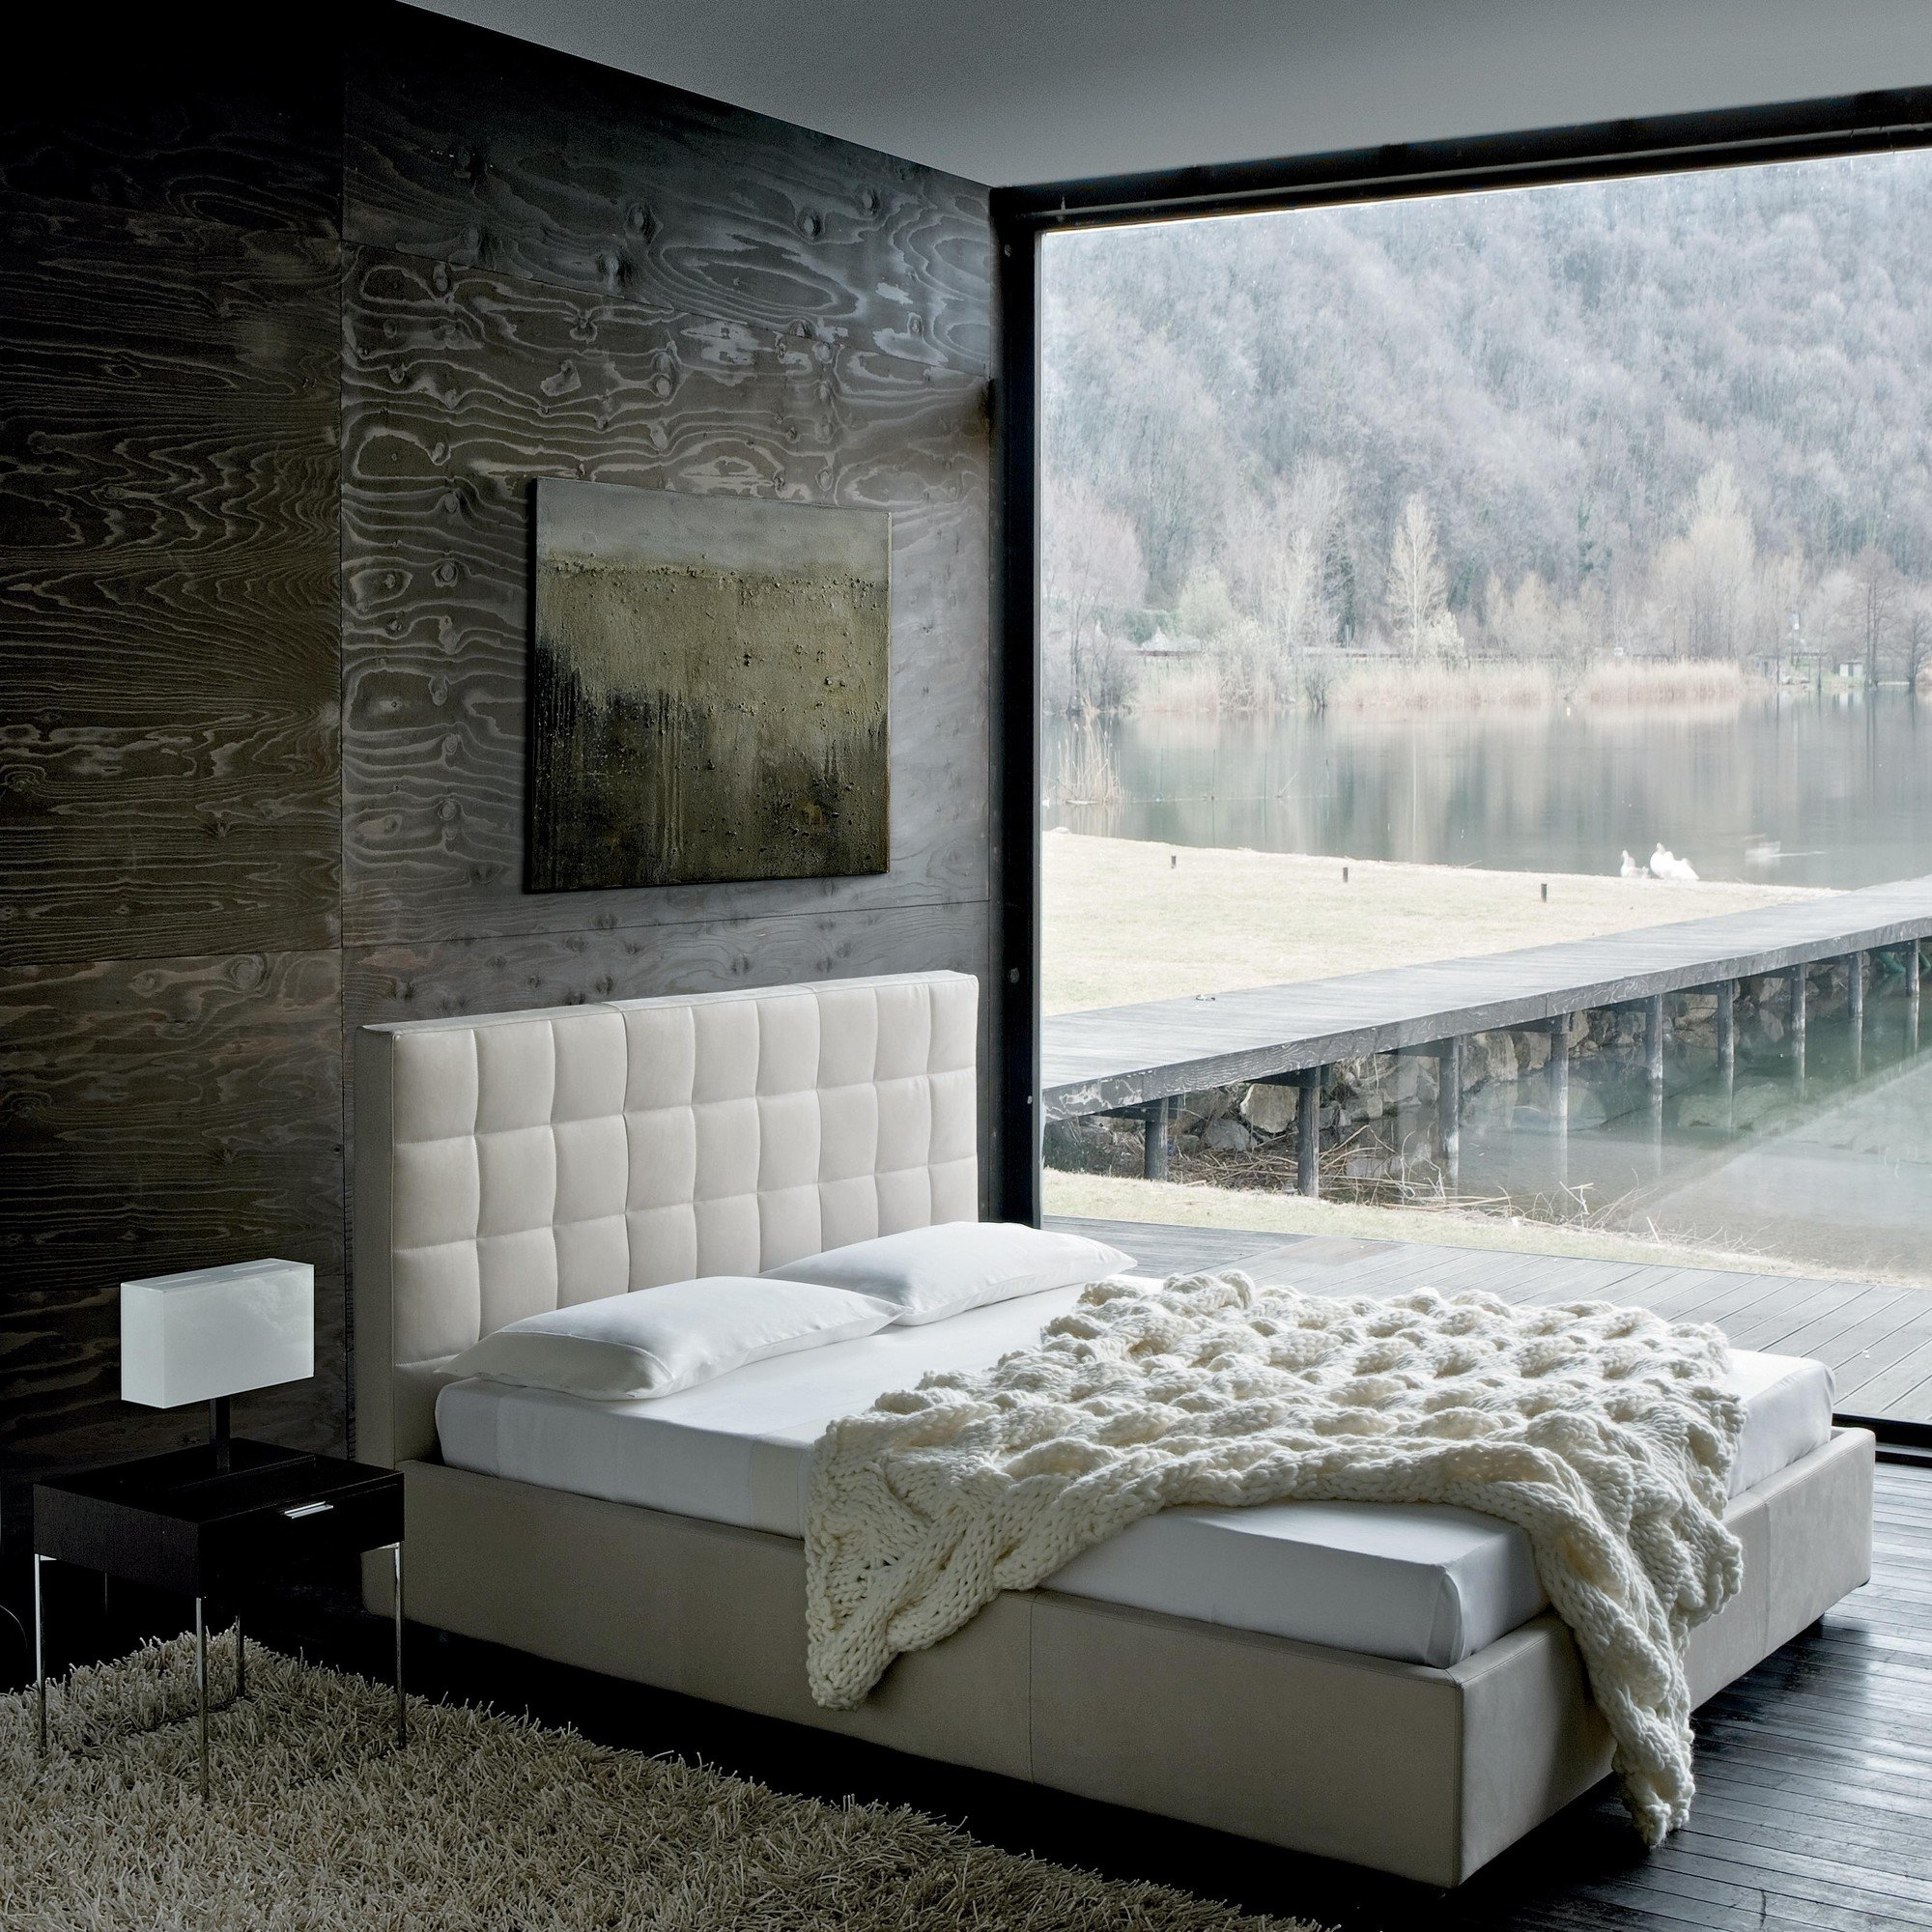 Faszinierend Doppelbett Mit Bettkasten Das Beste Von Zanotta - Overbox